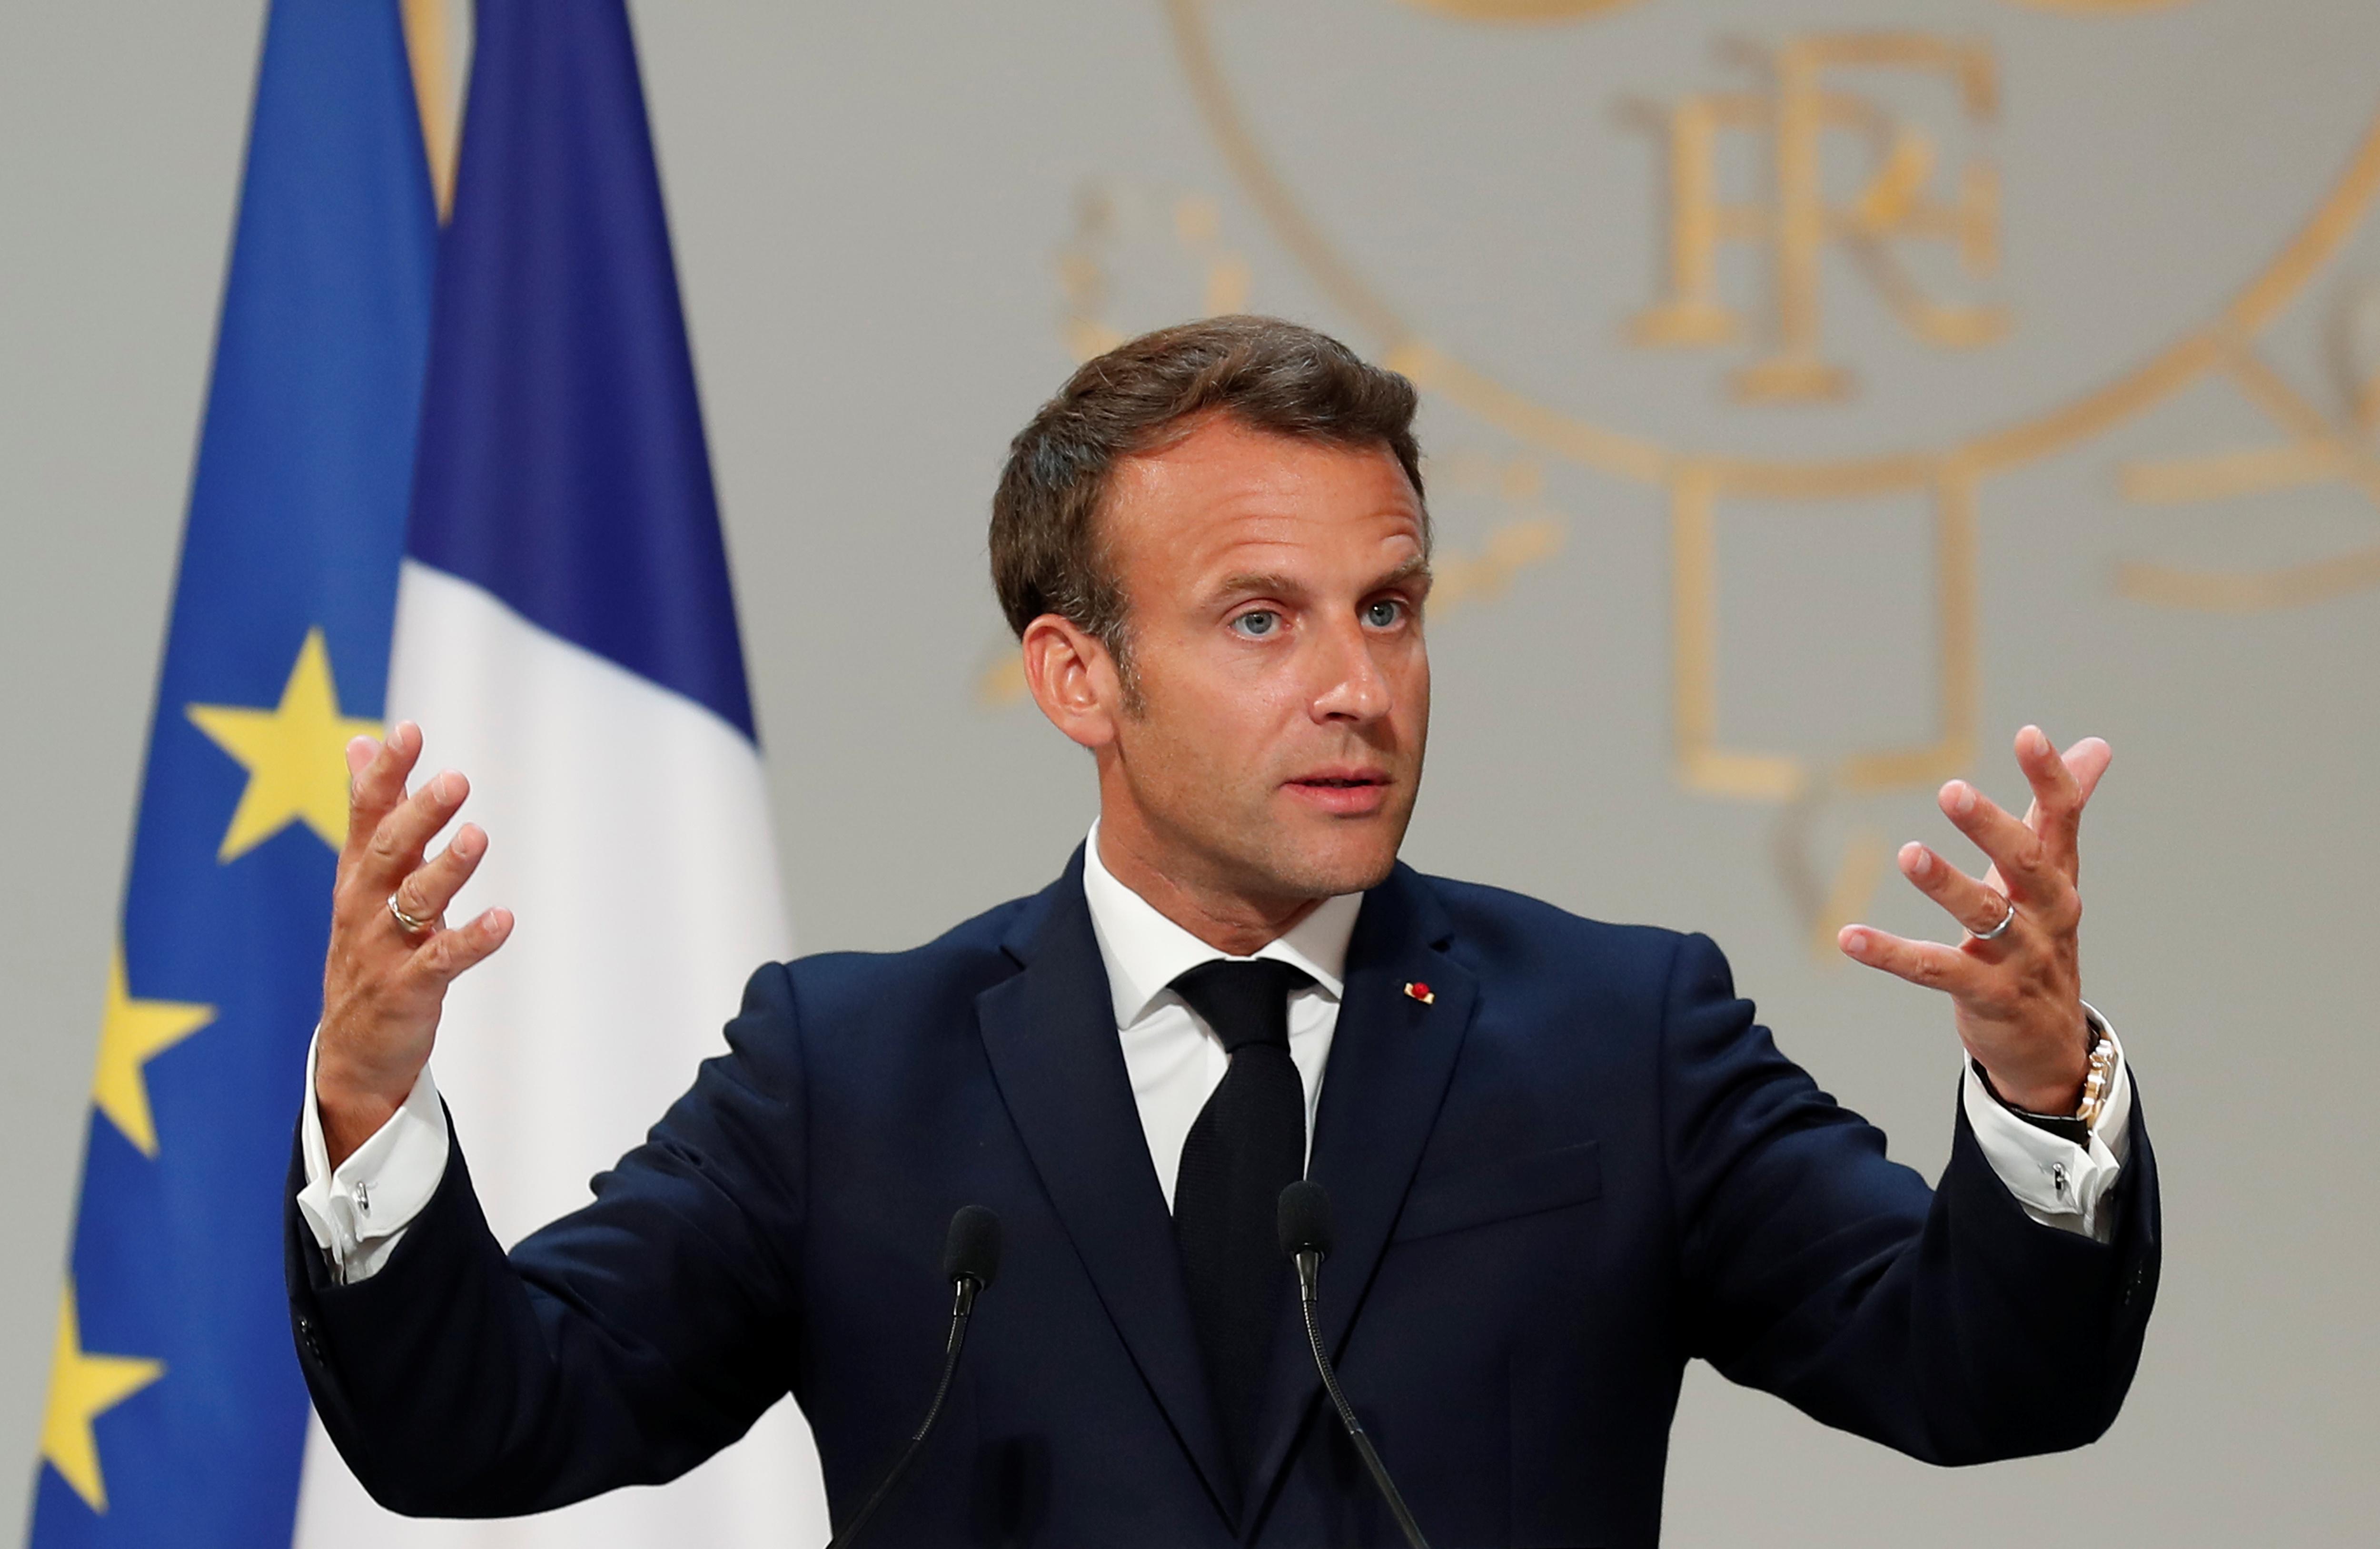 Après les Européennes, la popularité de Macron à un niveau inédit depuis 11 mois